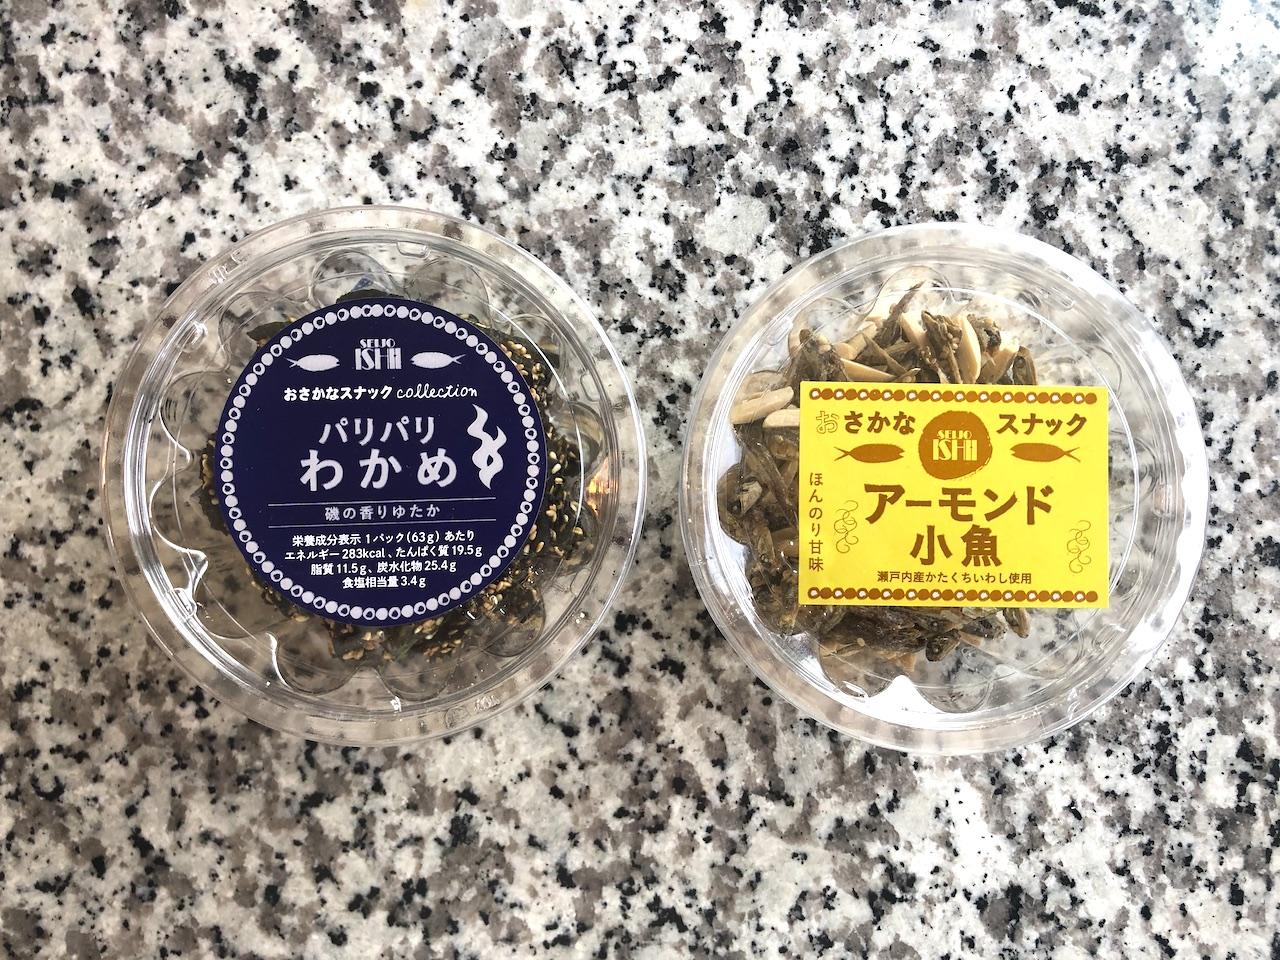 成城石井オリジナル おさかなスナック